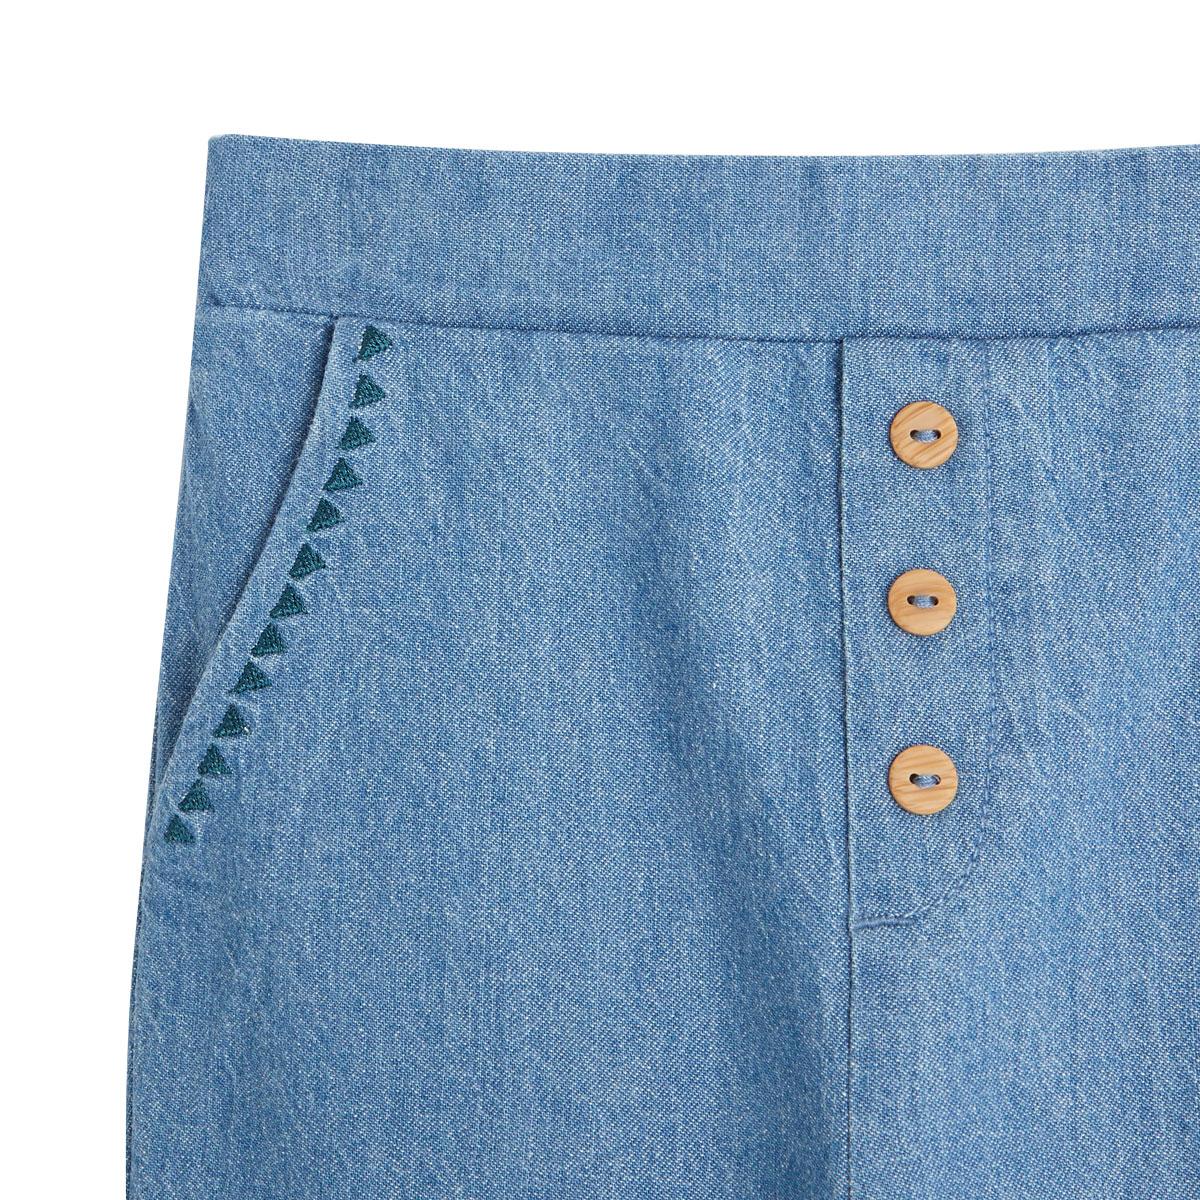 Pantalon bébé fille Blue Coco zoom